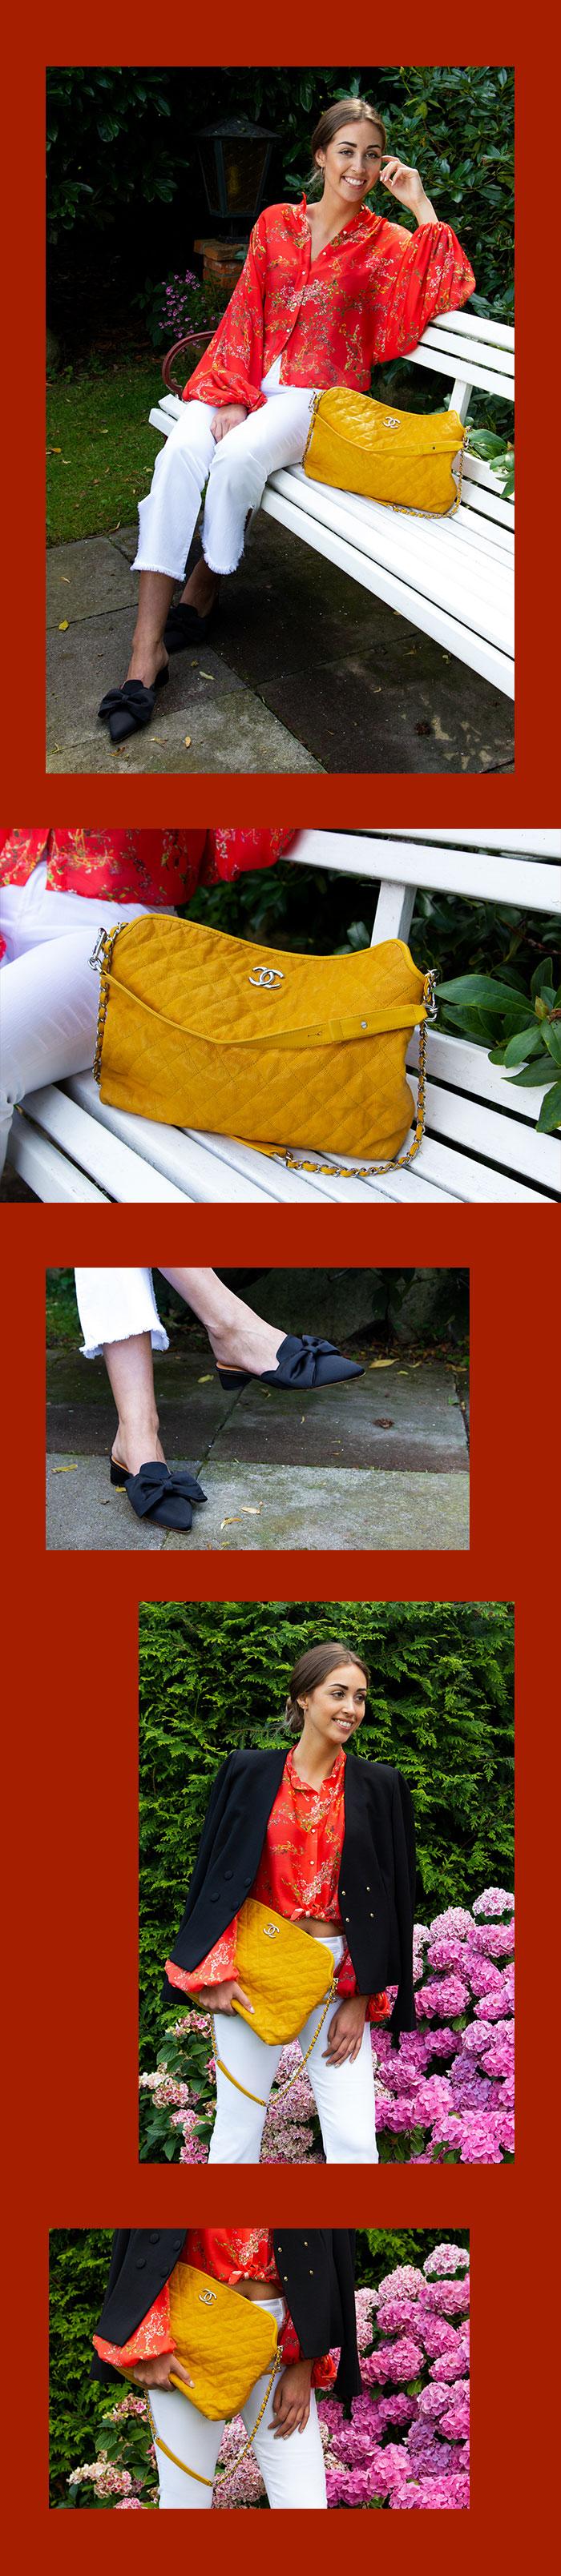 Favoriten für den Herbst - Chanel Handtasche